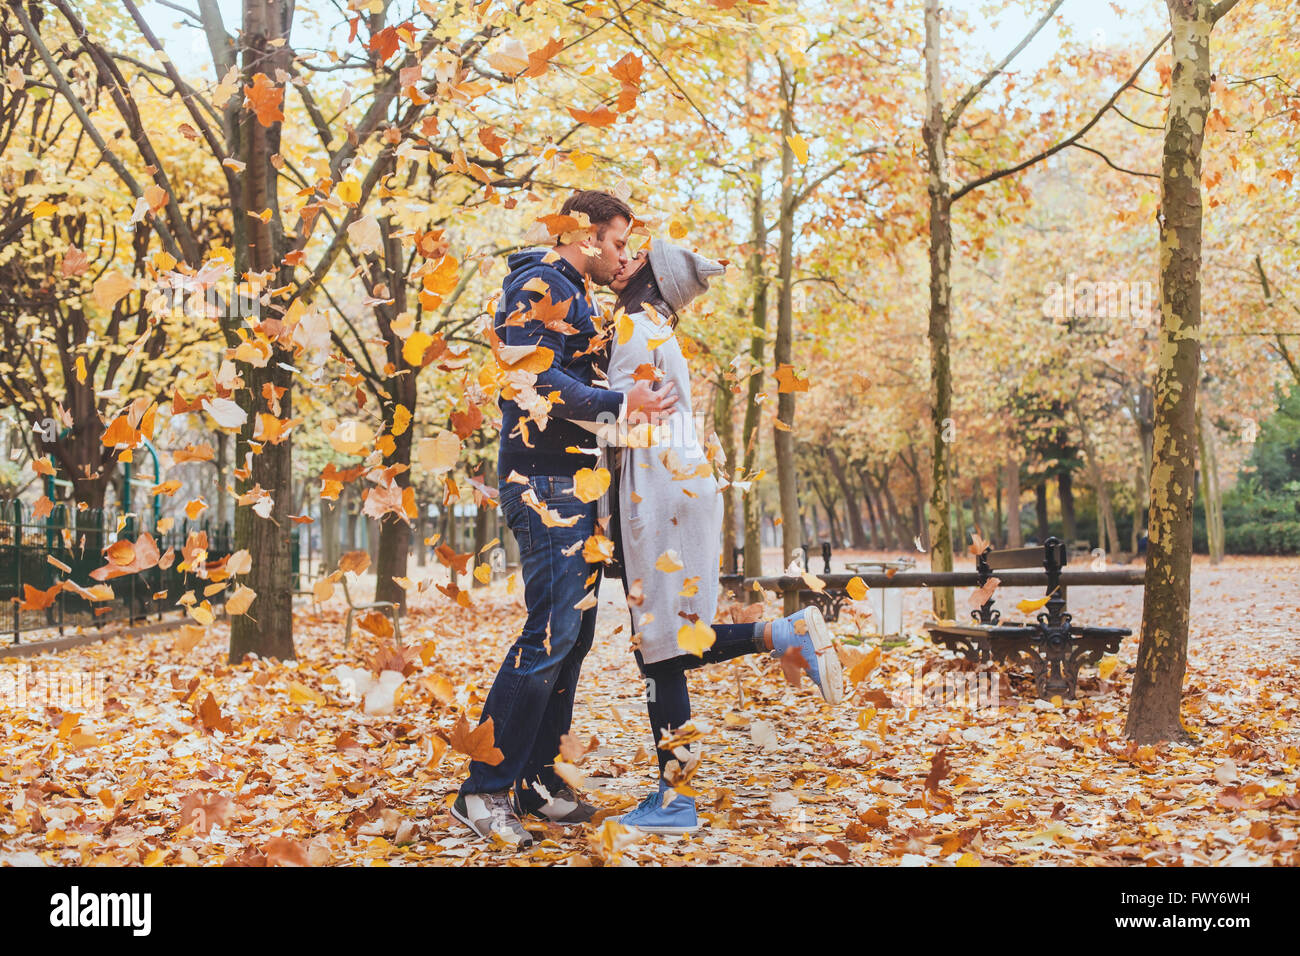 Automne baiser, jeune couple d'amoureux dans le parc avec les feuilles qui tombent Photo Stock